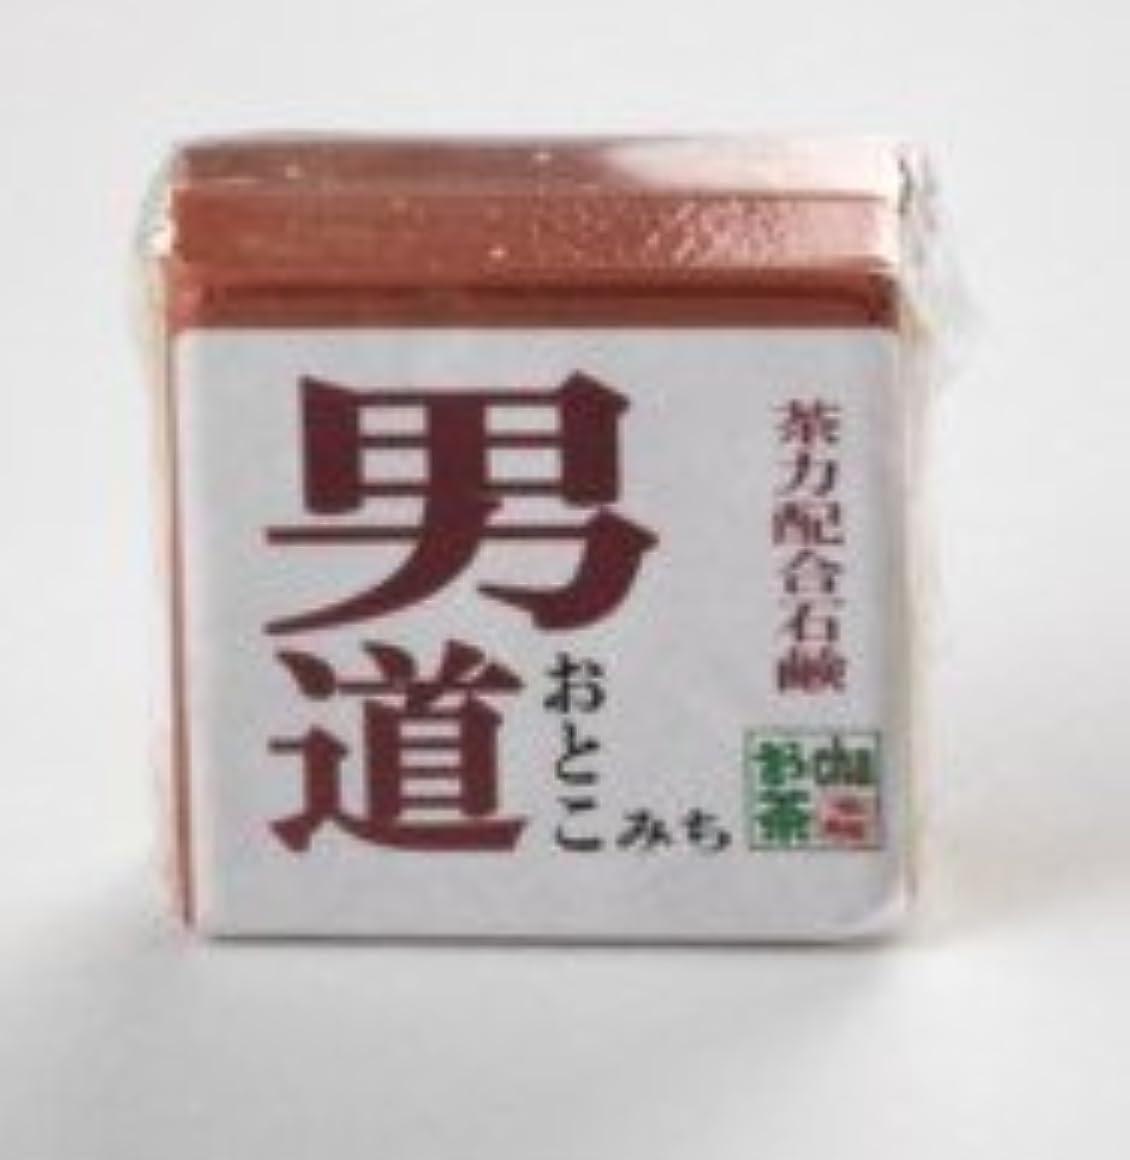 媒染剤ぐるぐる恒久的男性用無添加石鹸 『 男 道 』(おとこみち) 115g固形タイプ 抗菌力99.9%の日本初の無添加石鹸